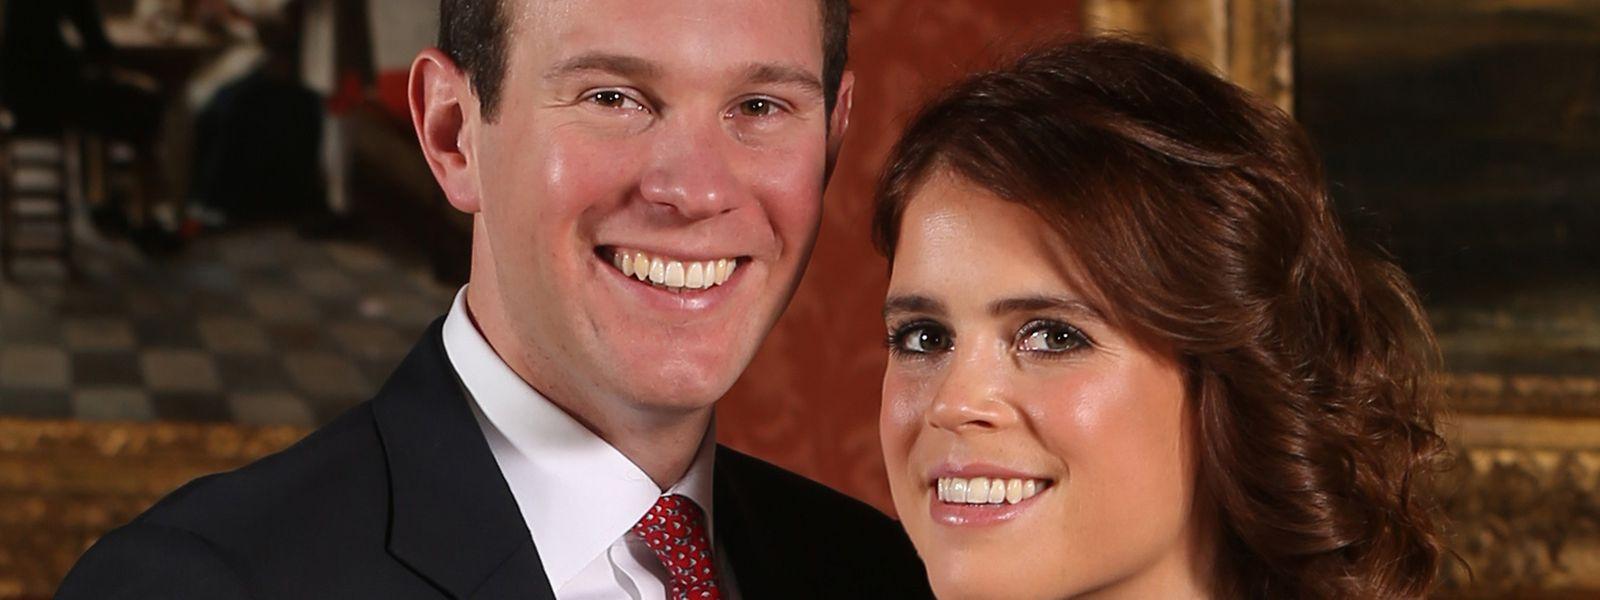 Das Paar freut sich über den anstehenden Nachwuchs.